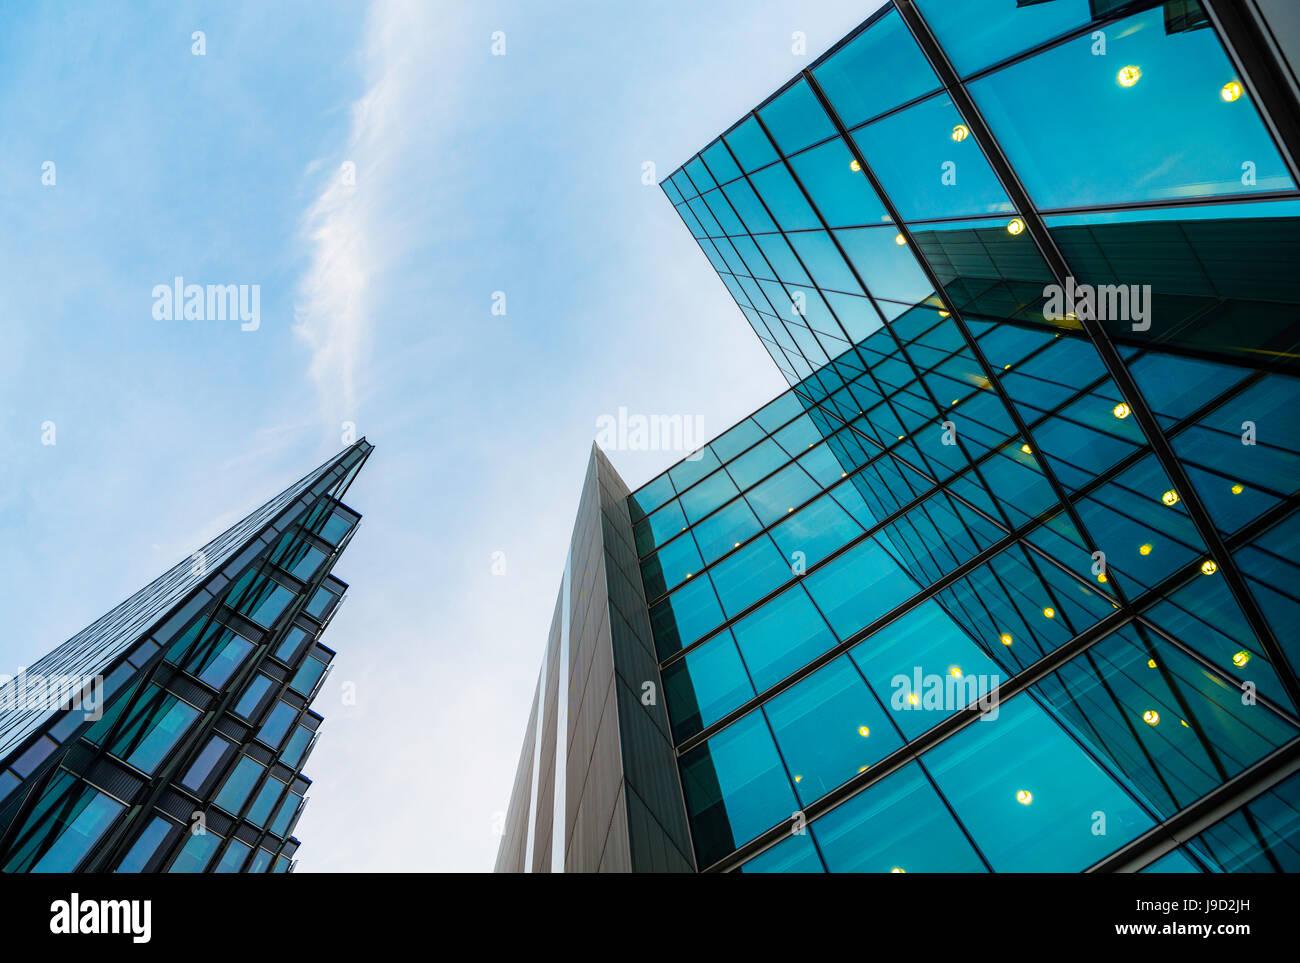 Modernes Bürogebäude in das Büro Komplex mehr London Riverside, Southwark, London, England, Vereinigtes Königreich Stockfoto